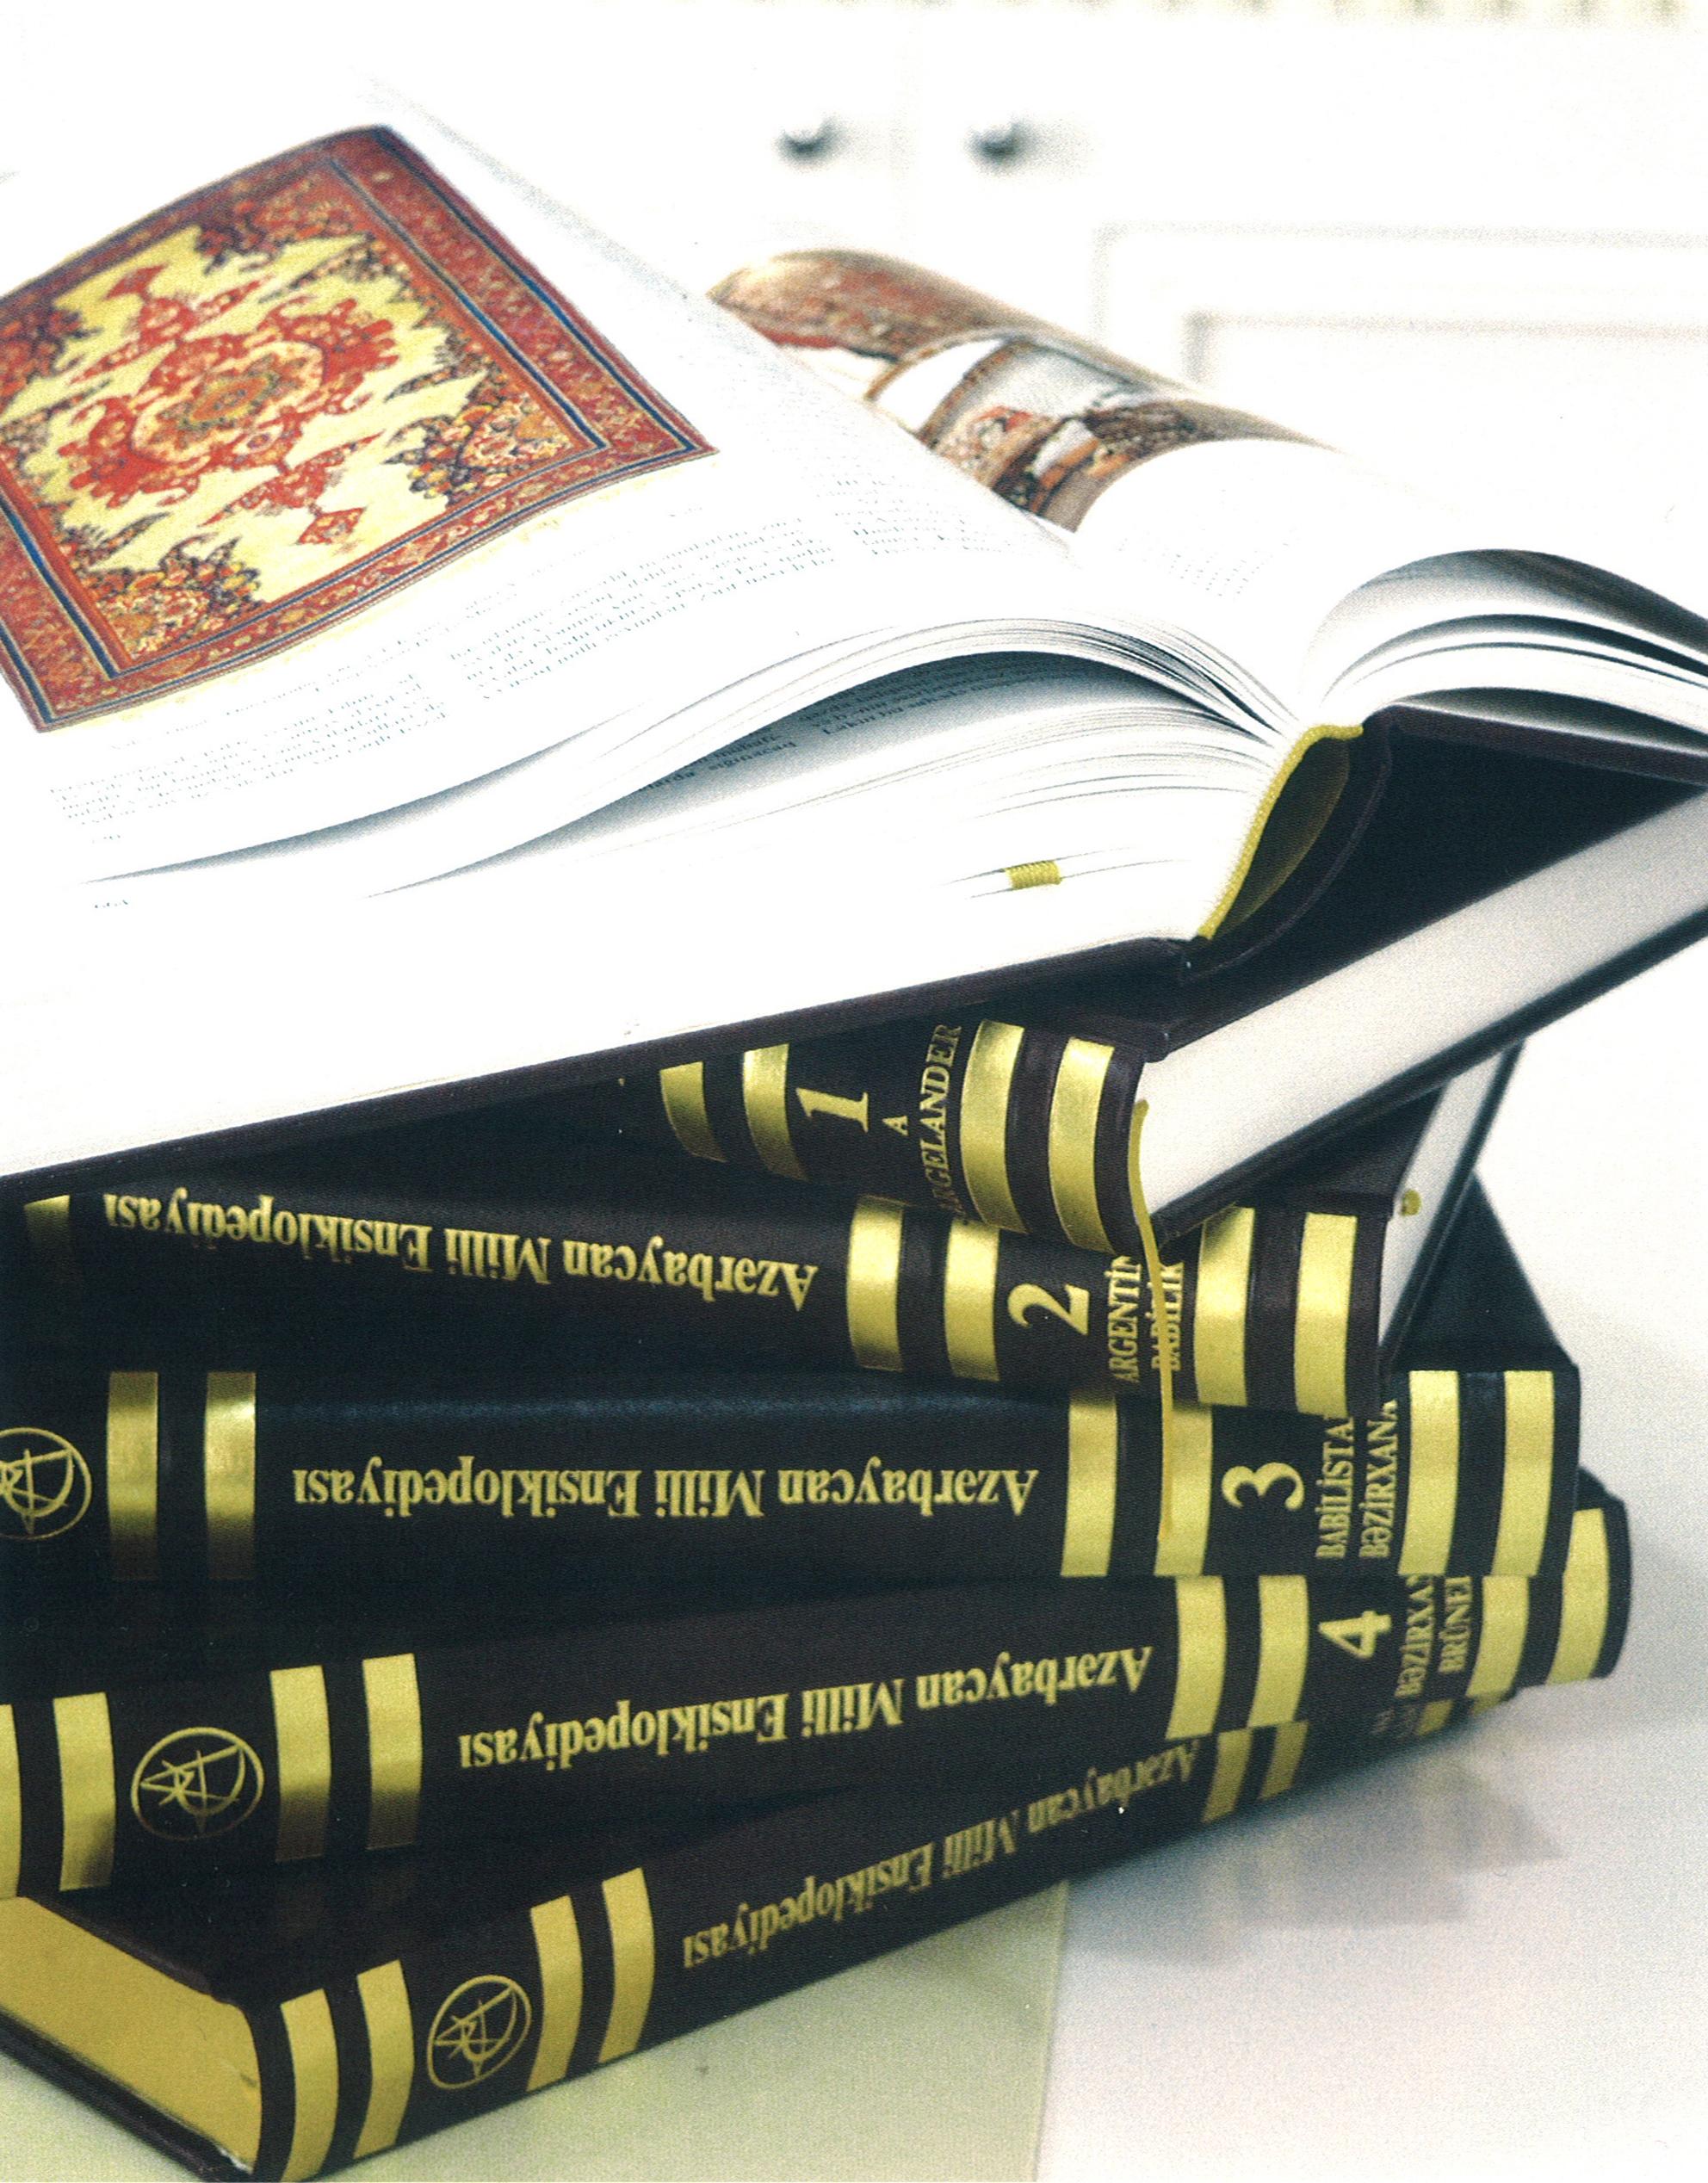 Azərbaycan Milli Ensiklopediyasının 7-ci cildinin abunə variantı çapdan çıxmışdır